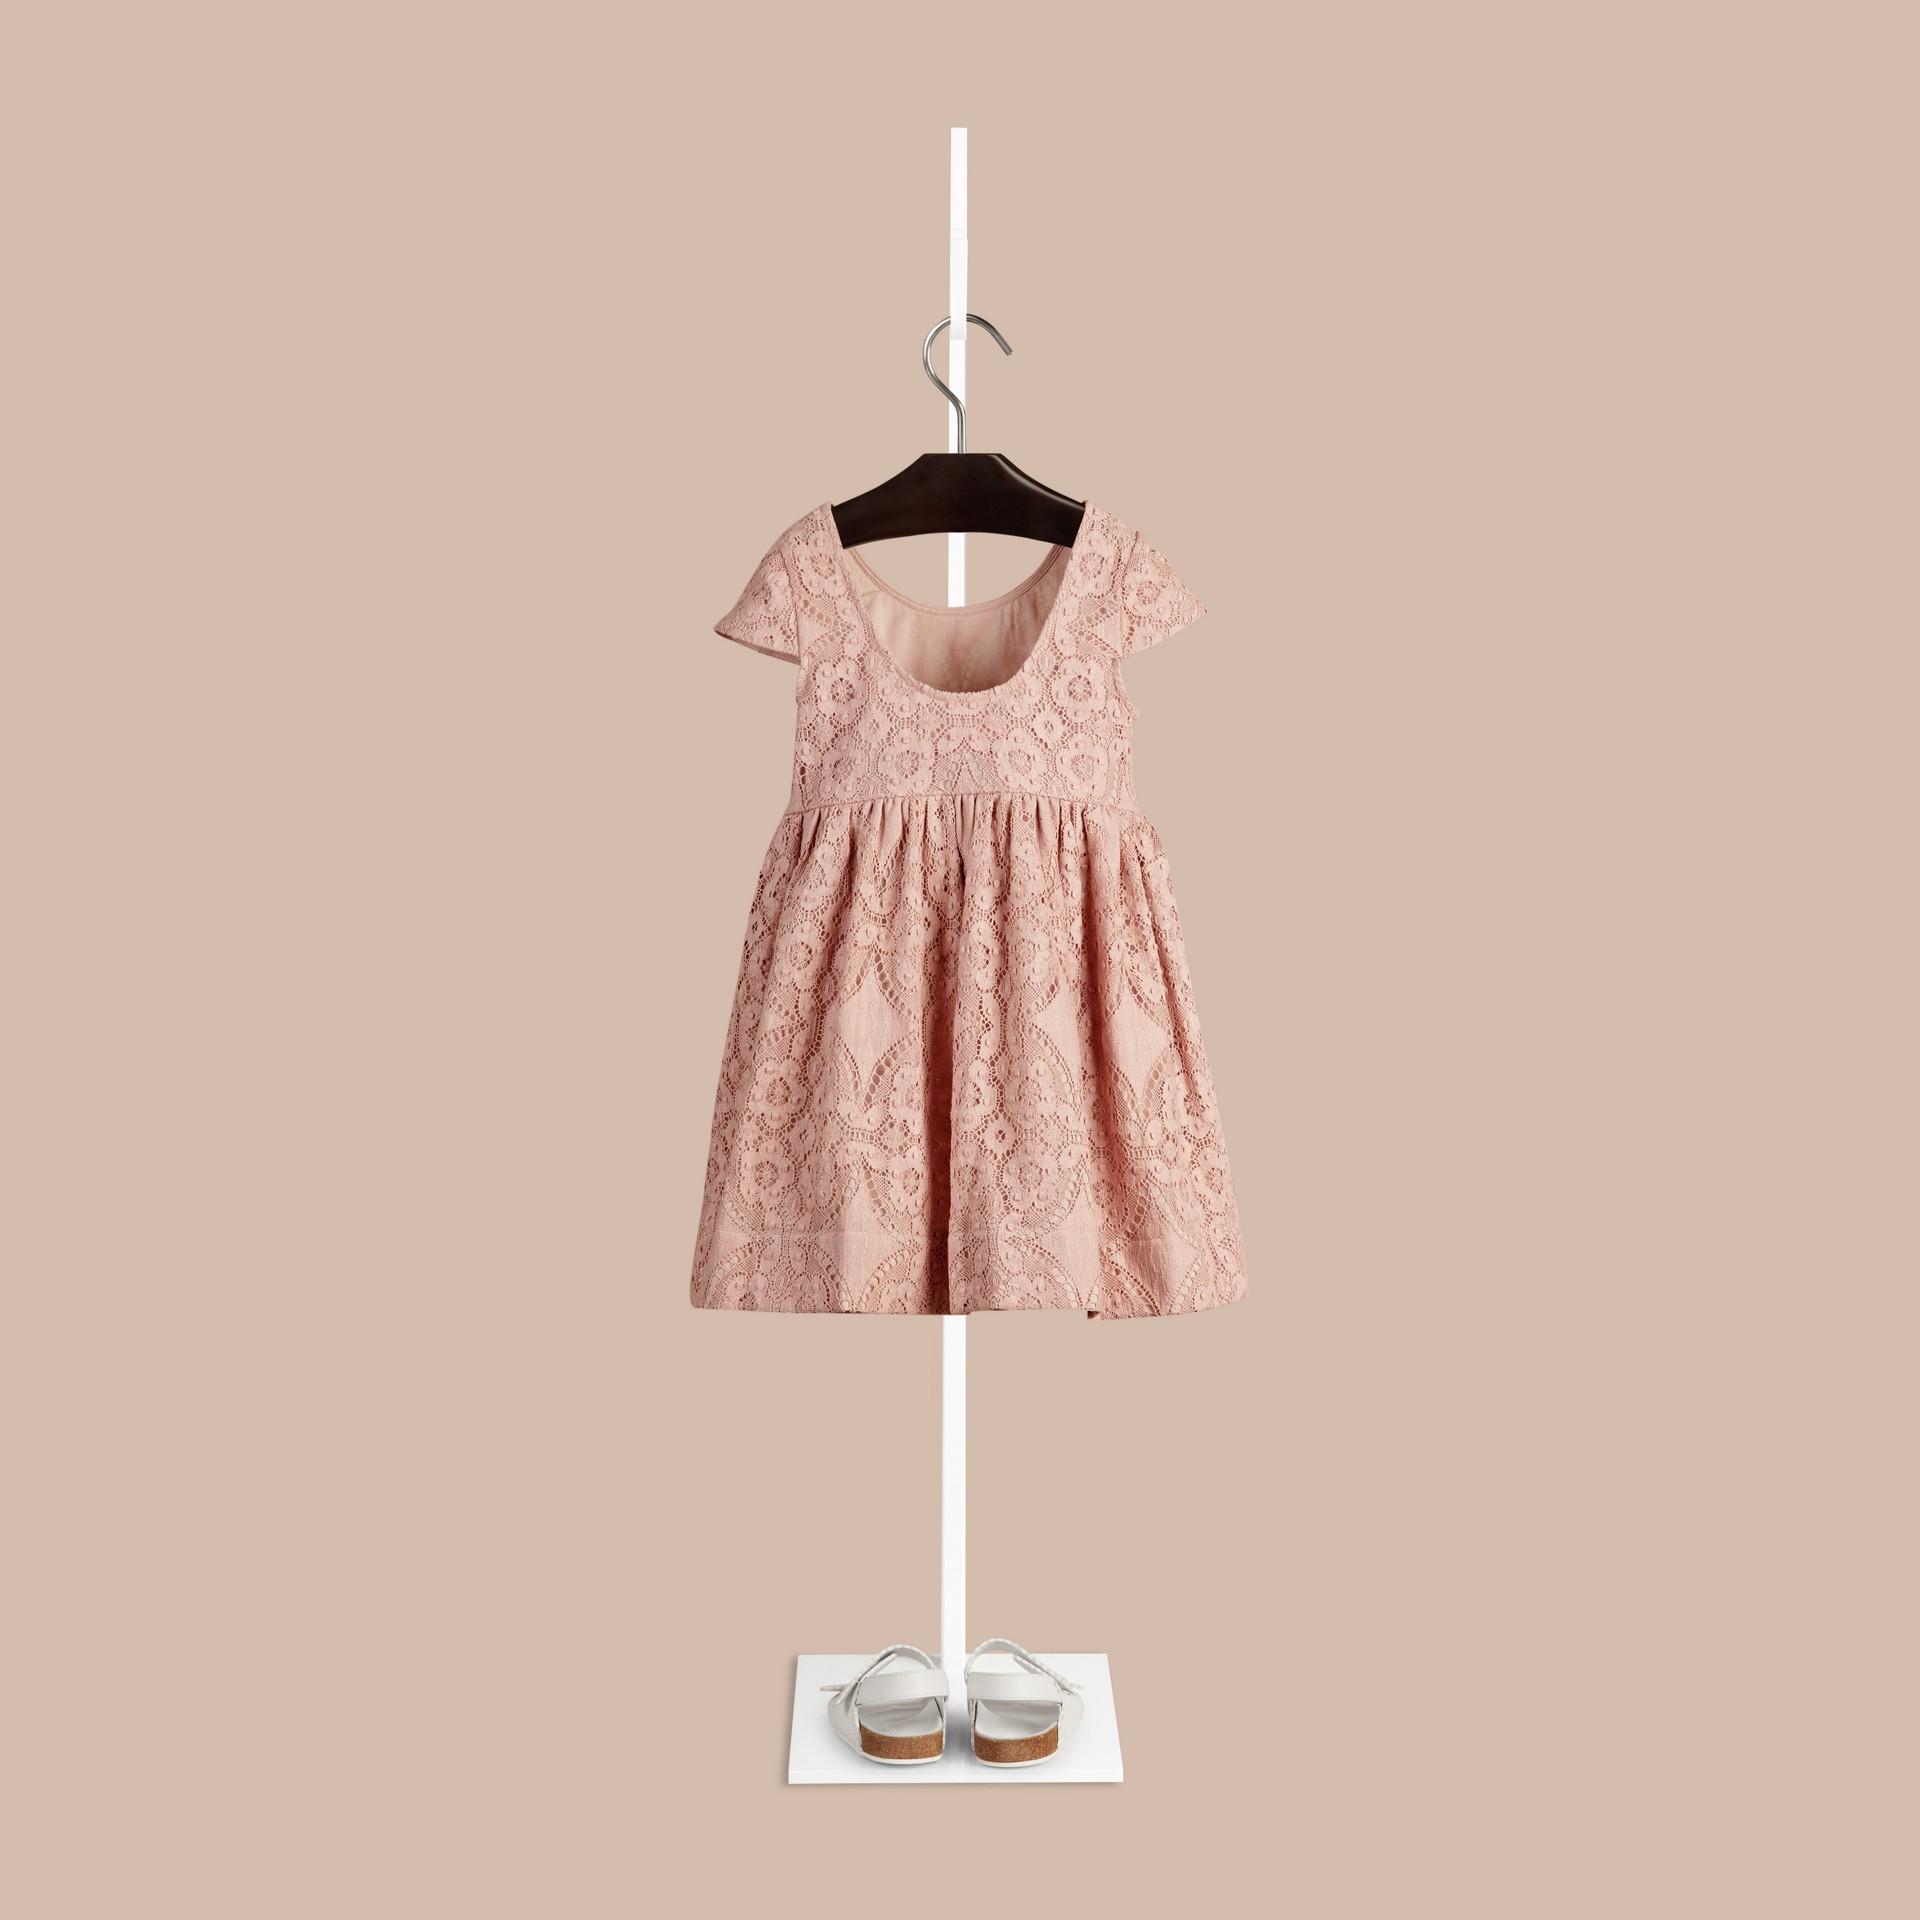 シスルピンク キャップスリーブ・イングリッシュレース・ドレス シスルピンク - ギャラリーイメージ 2